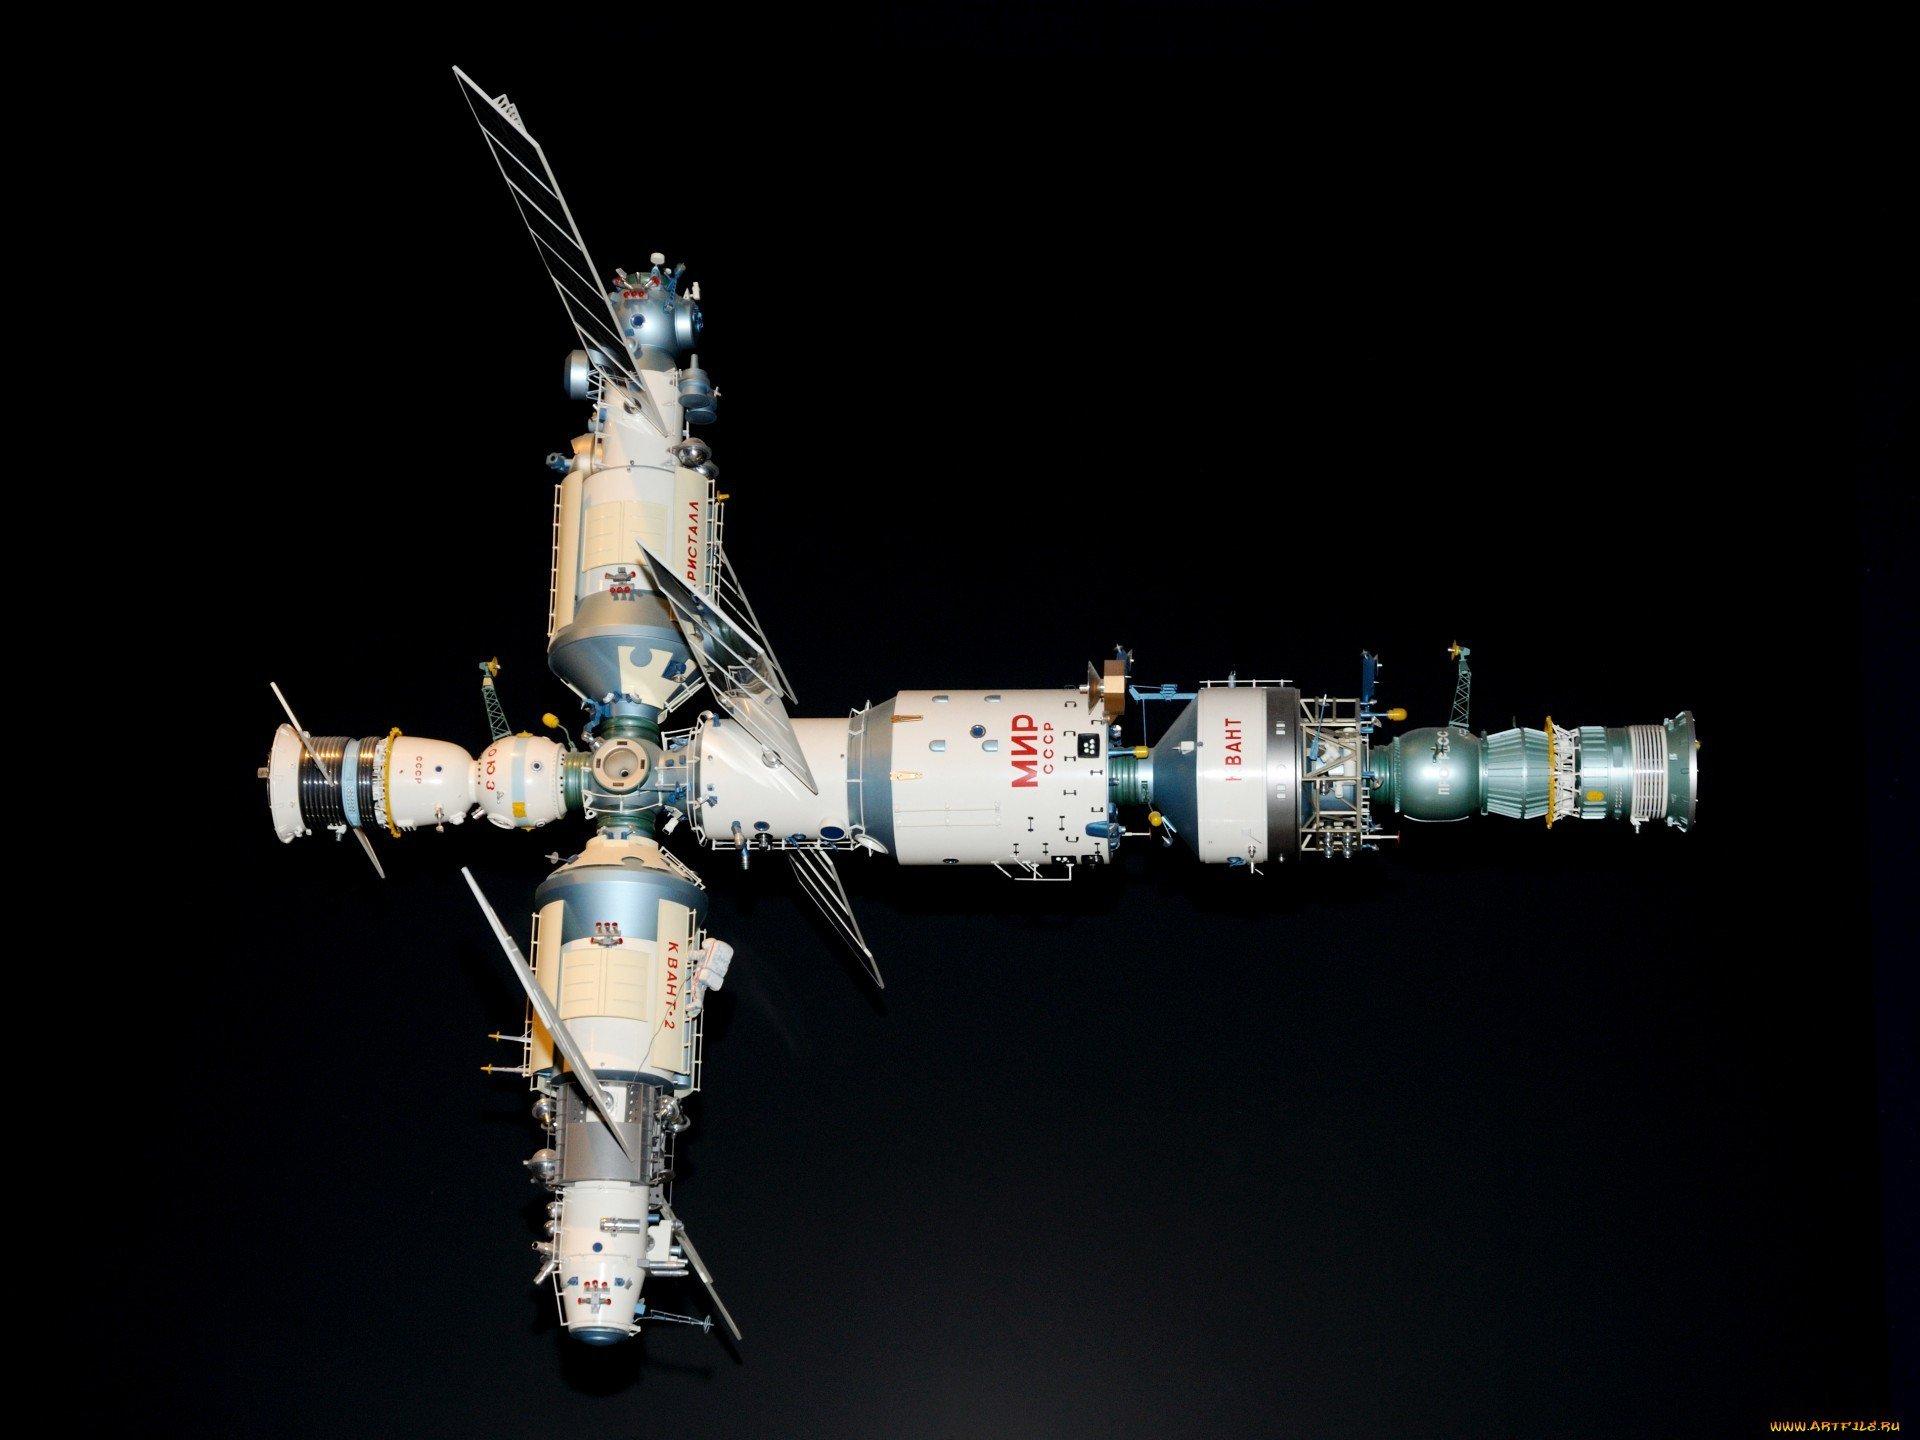 базовый блок орбитальной станции мир фото веса ниже допустимой